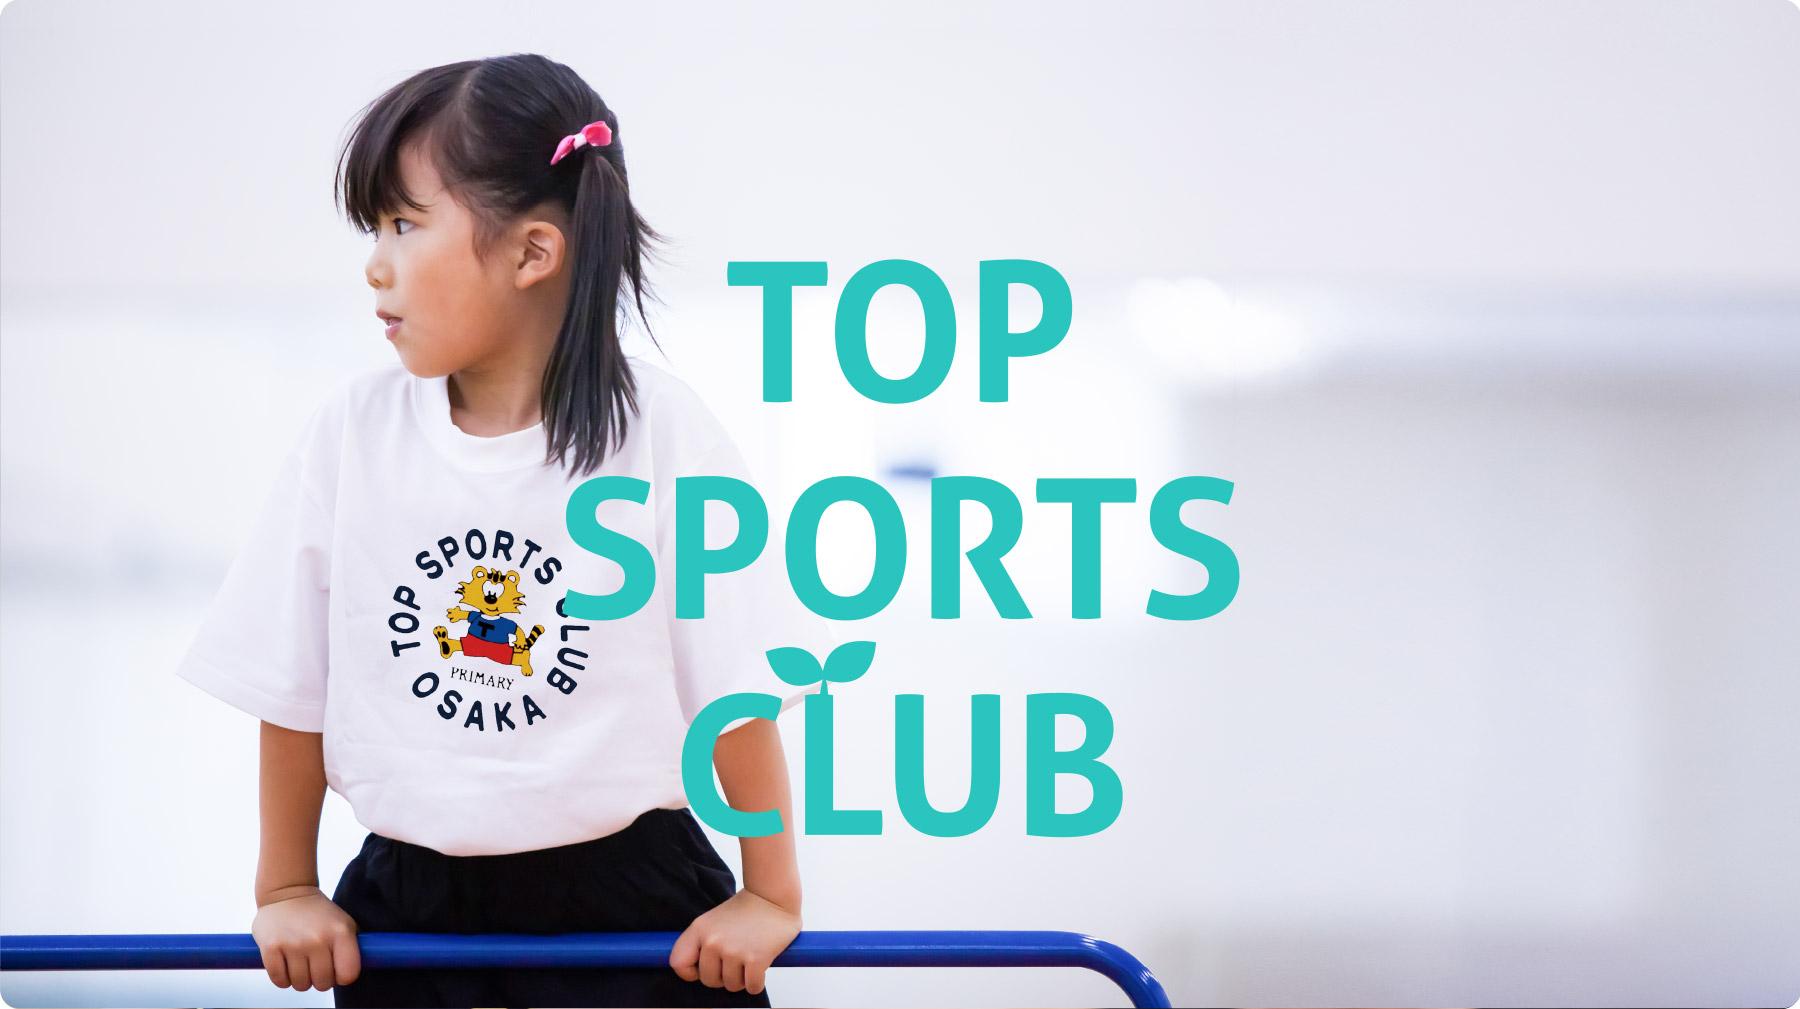 トップスポーツクラブ